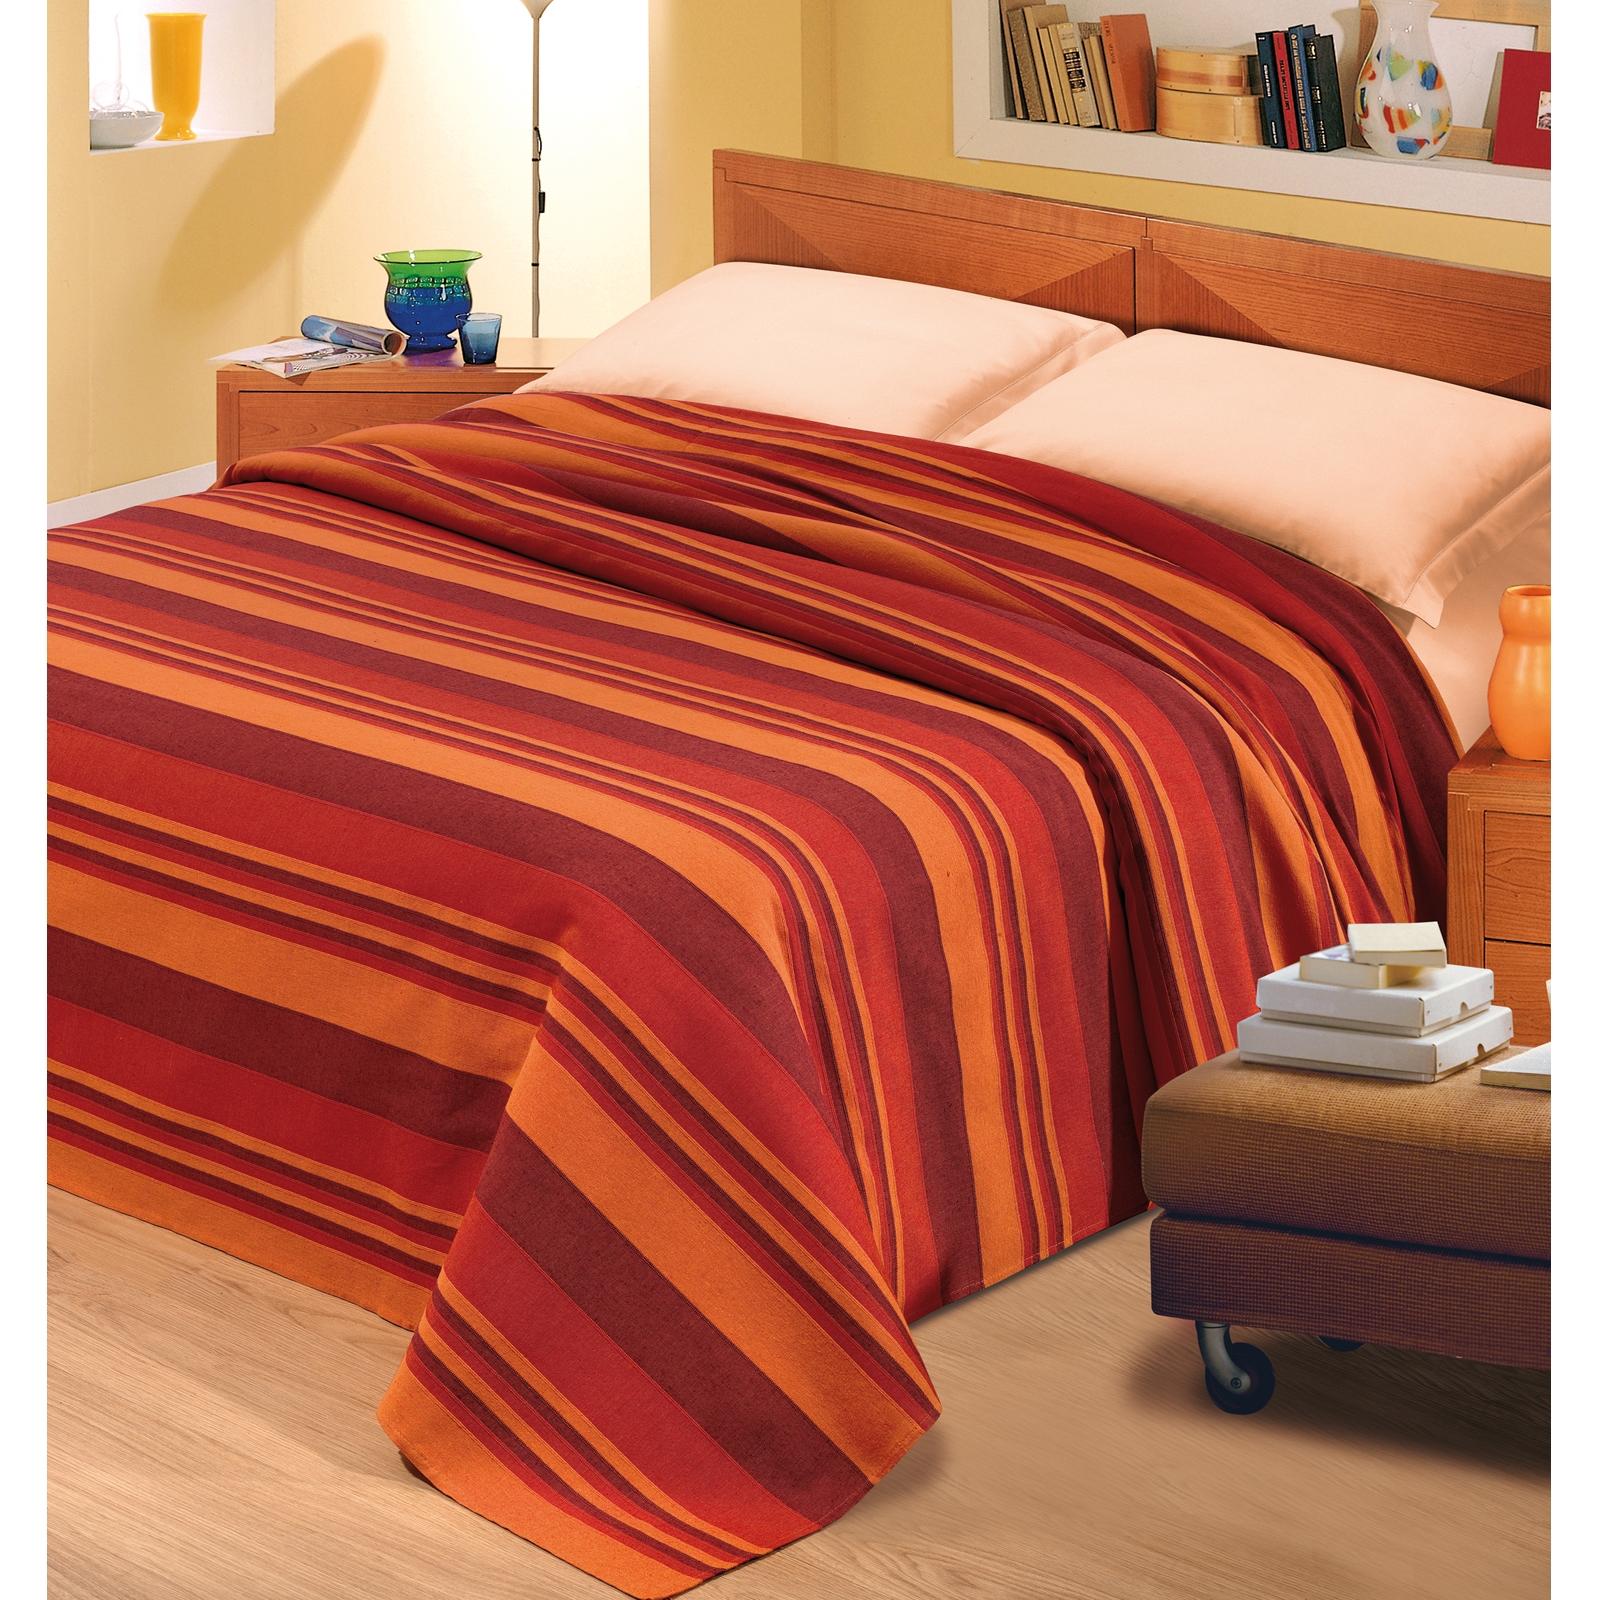 Telo copritutto kiara cose di casa un mondo di accessori per la casa - Copricuscini divano bassetti ...